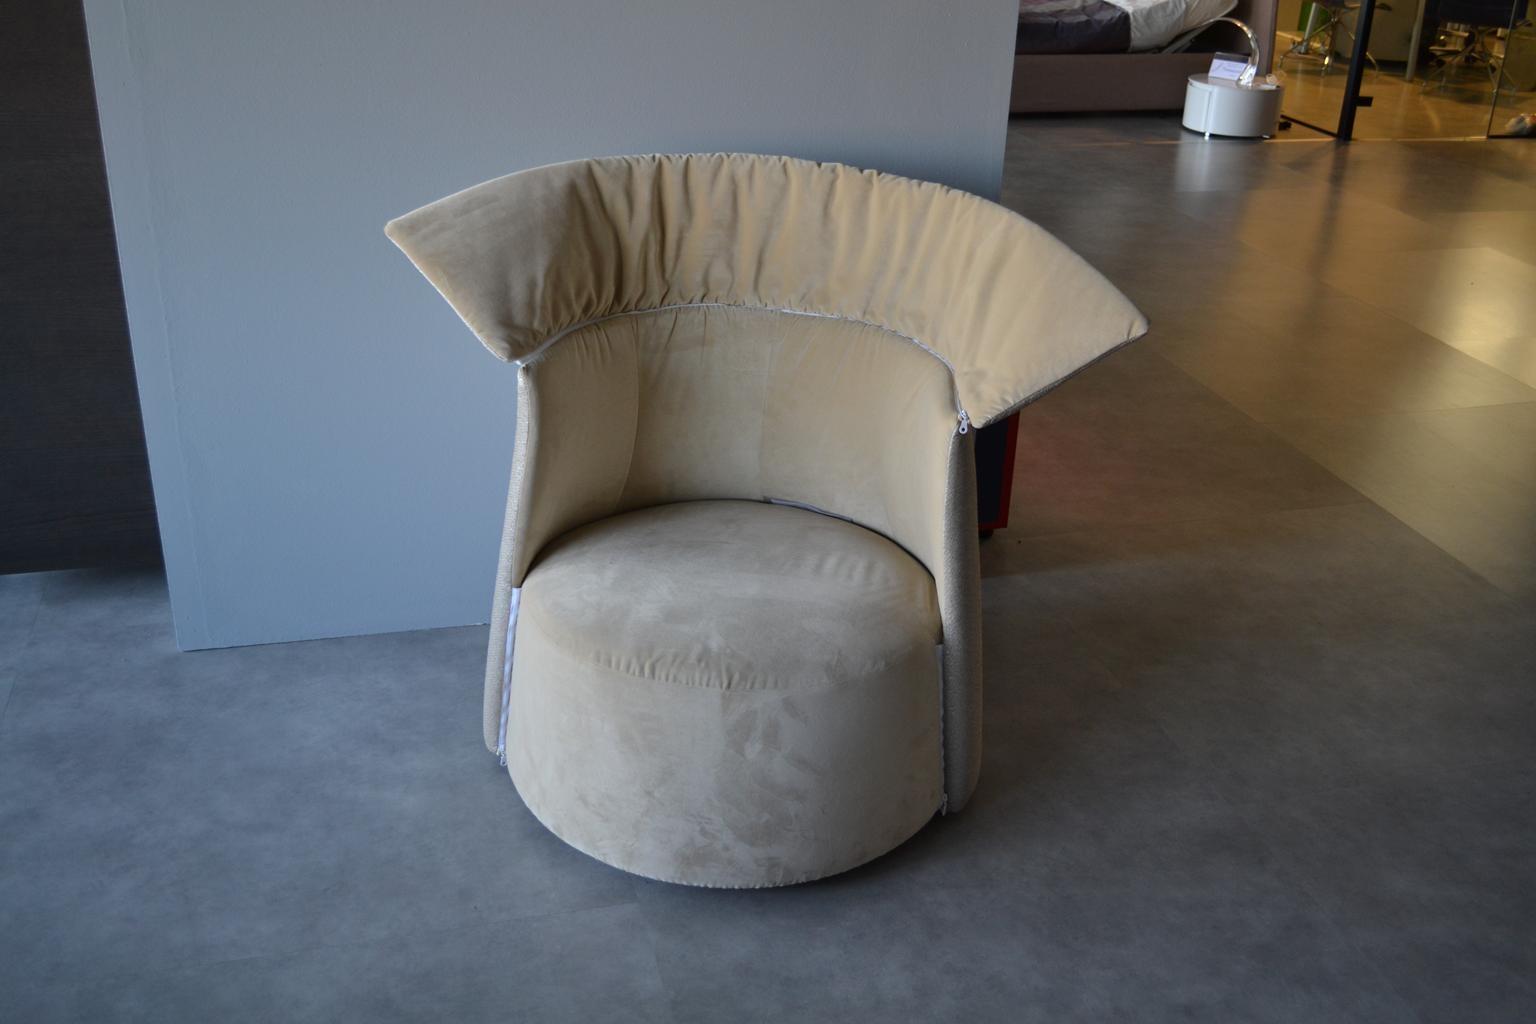 Saba salotti divano la carmen divani a prezzi scontati for Divani saba prezzi